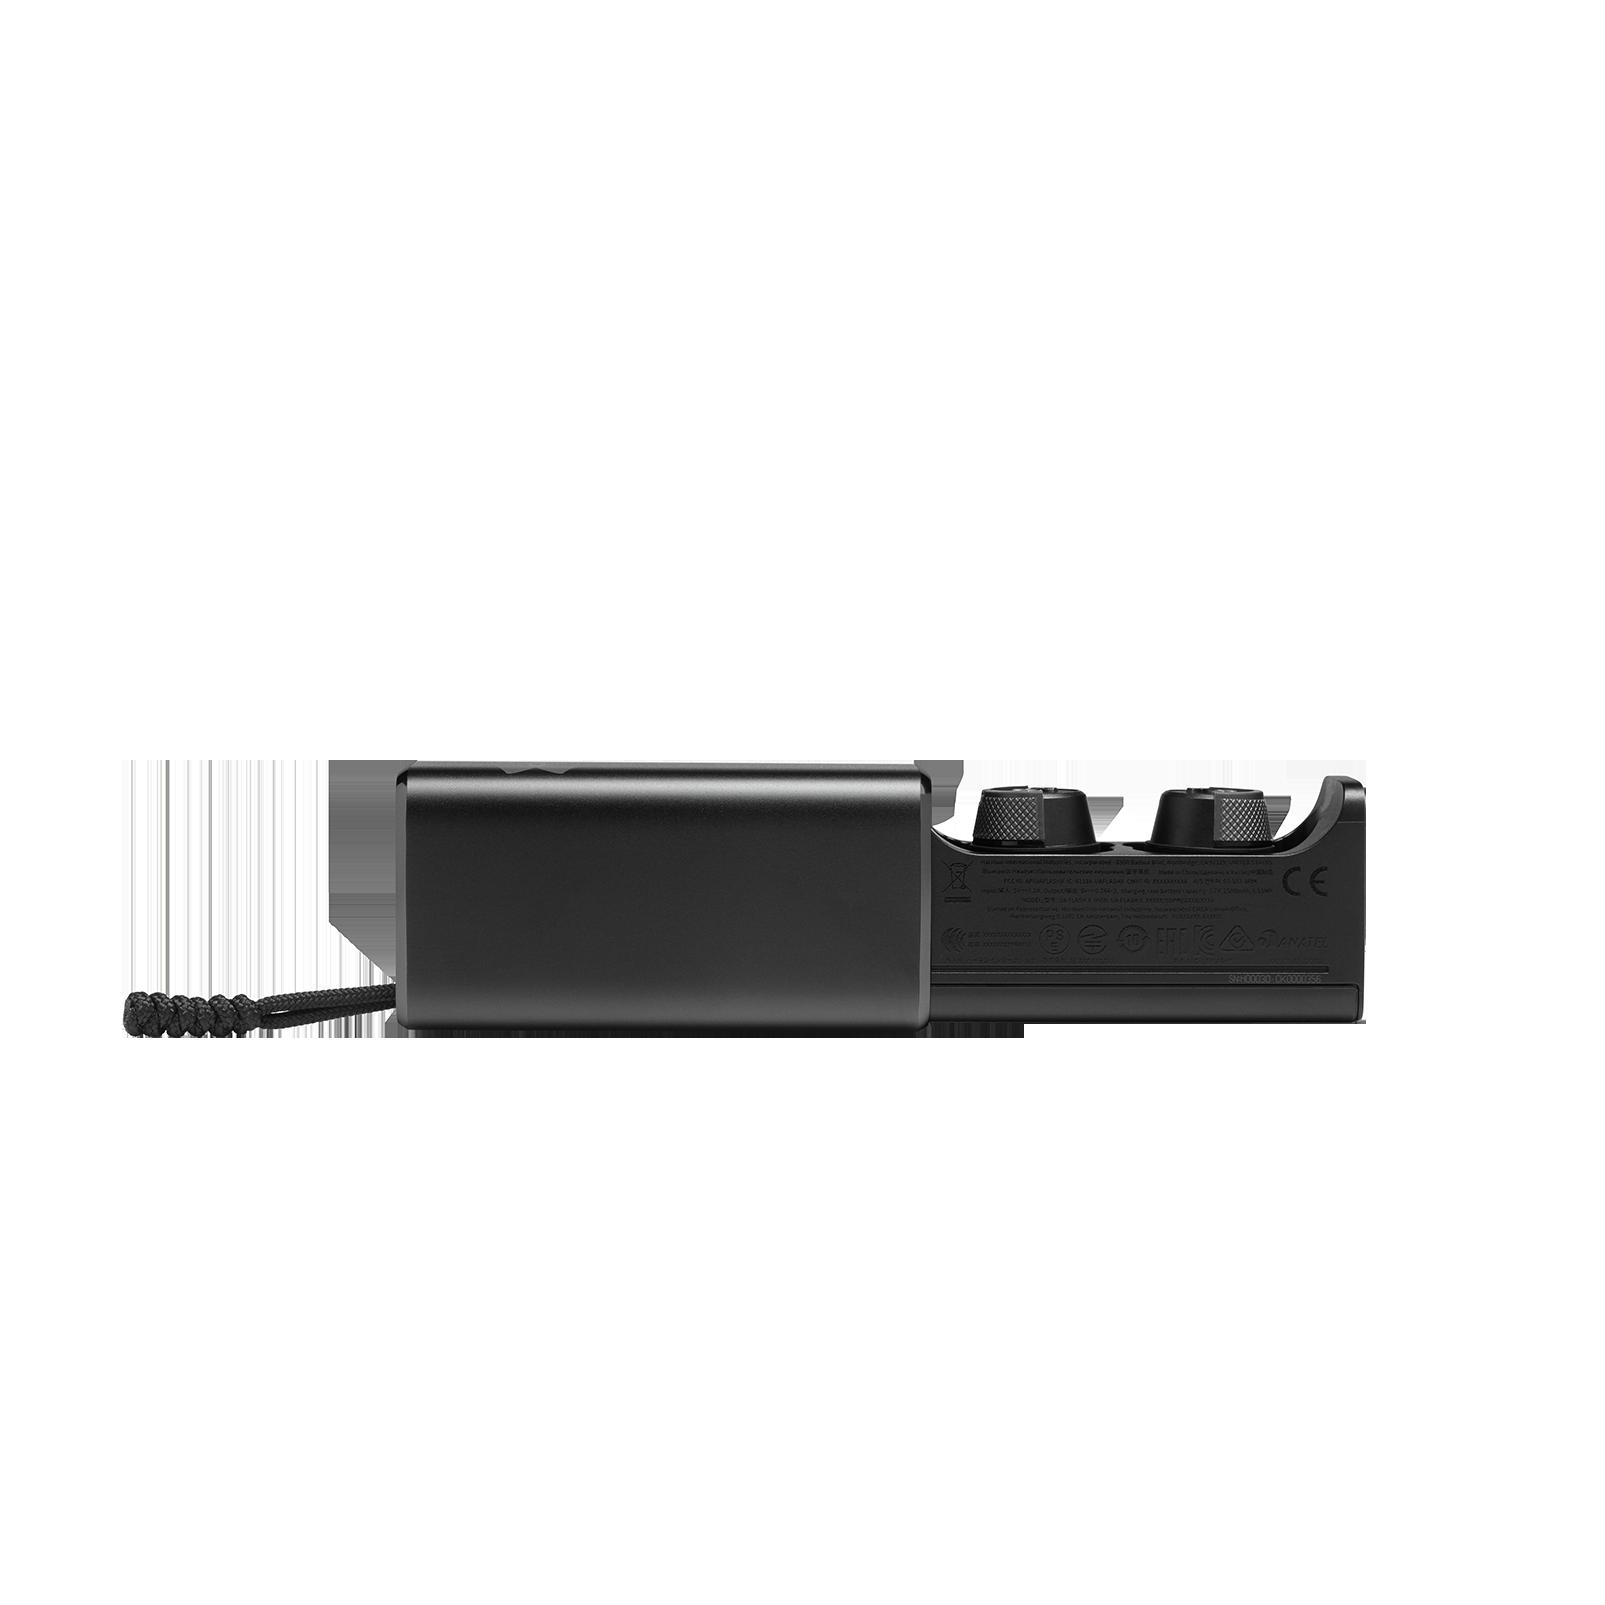 UA True Wireless Flash X - Engineered by JBL - Black - Waterproof true wireless sport earbuds - Detailshot 5